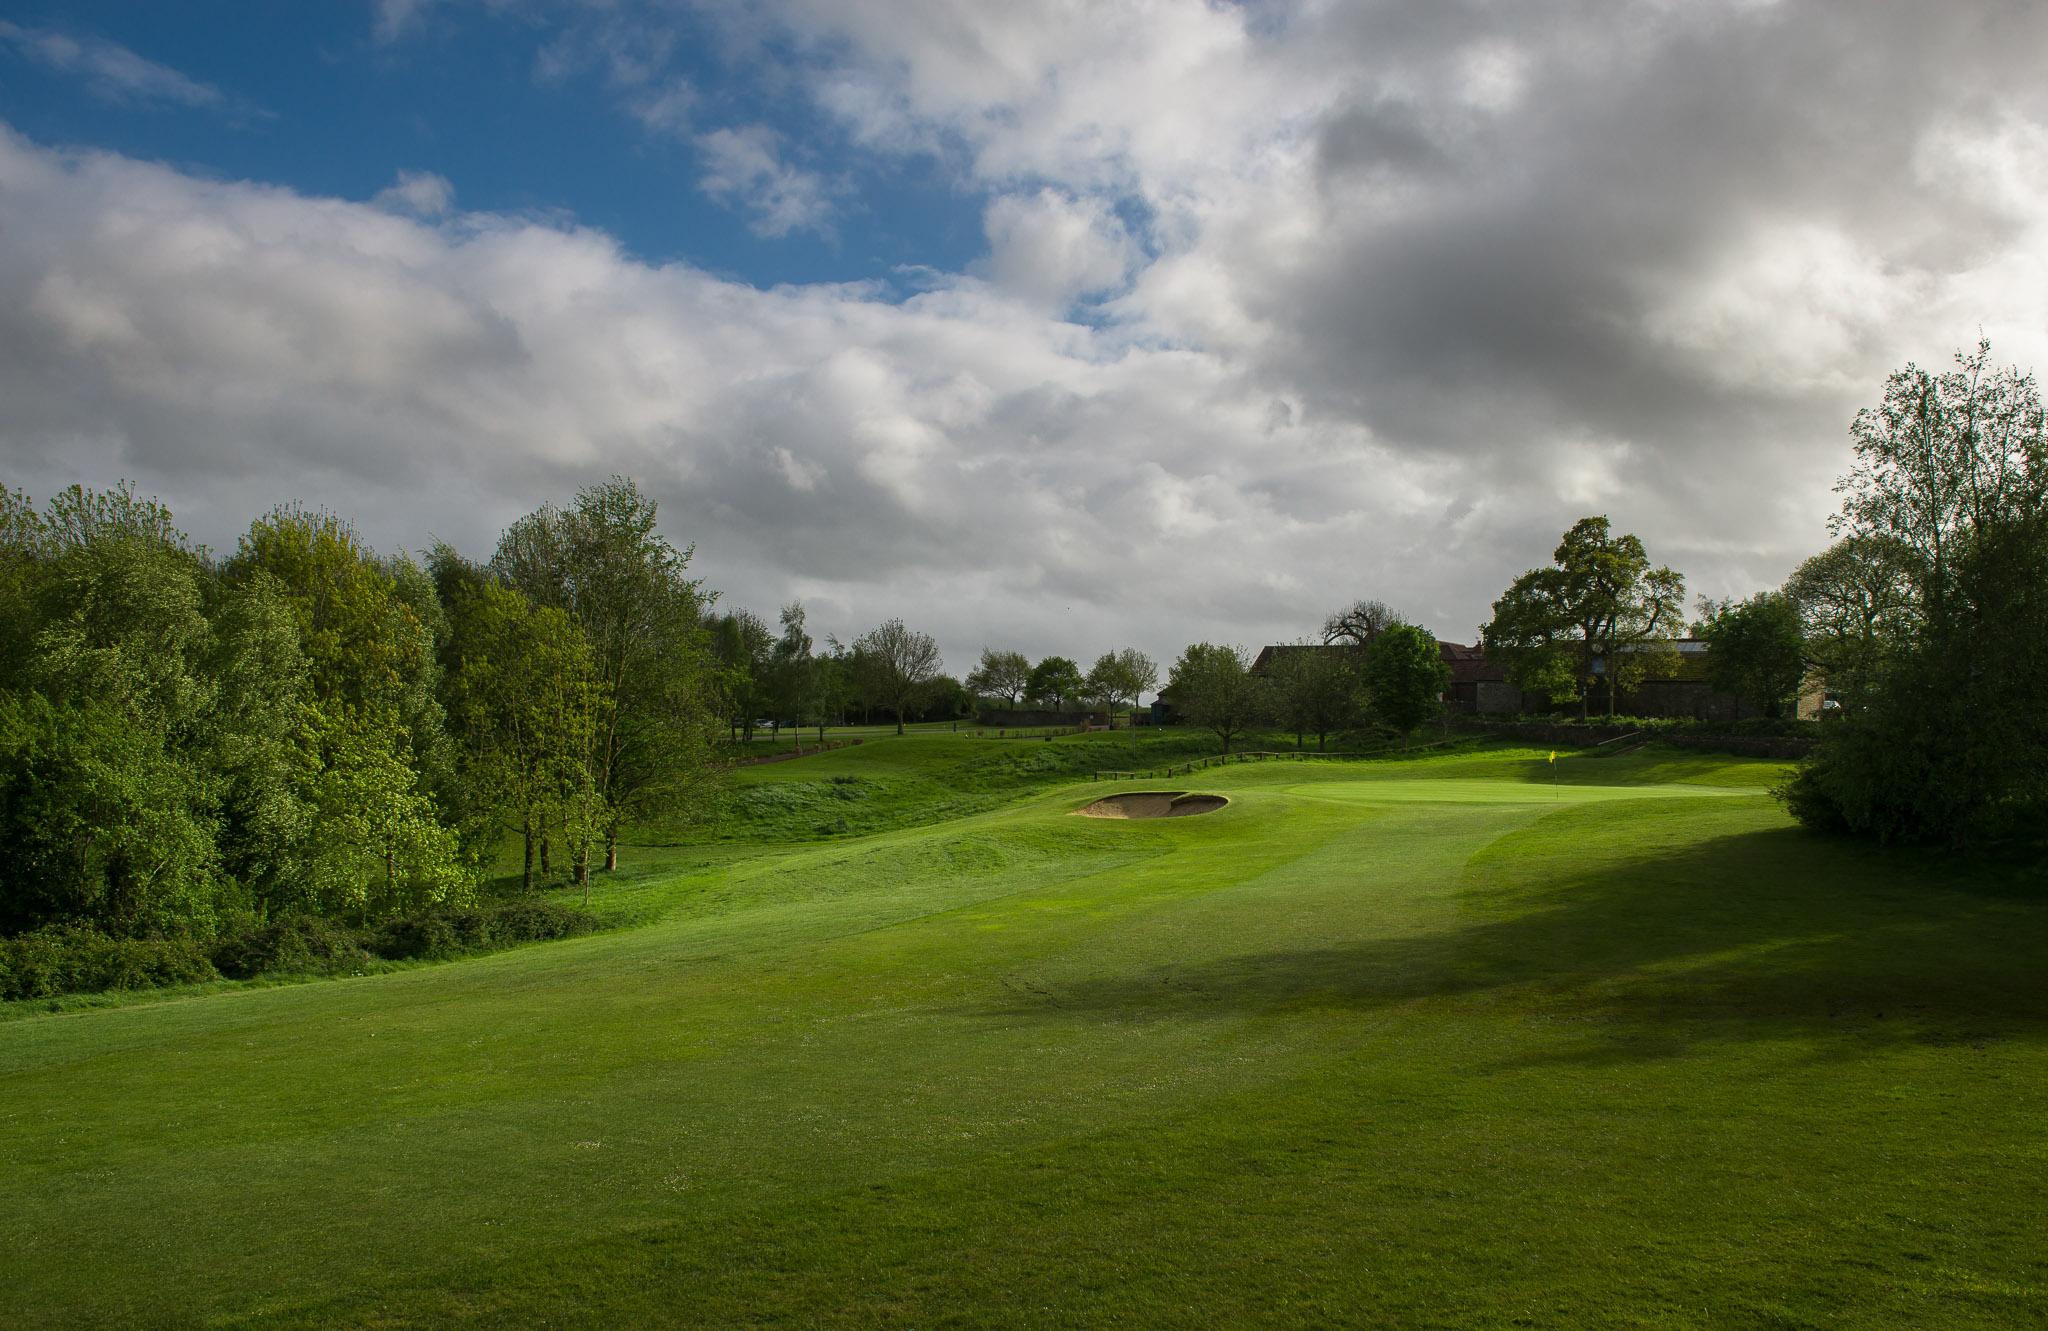 BGL_Thornbury_GolfCourse_AndyHiseman_72dpi_EmailWeb-4.jpg